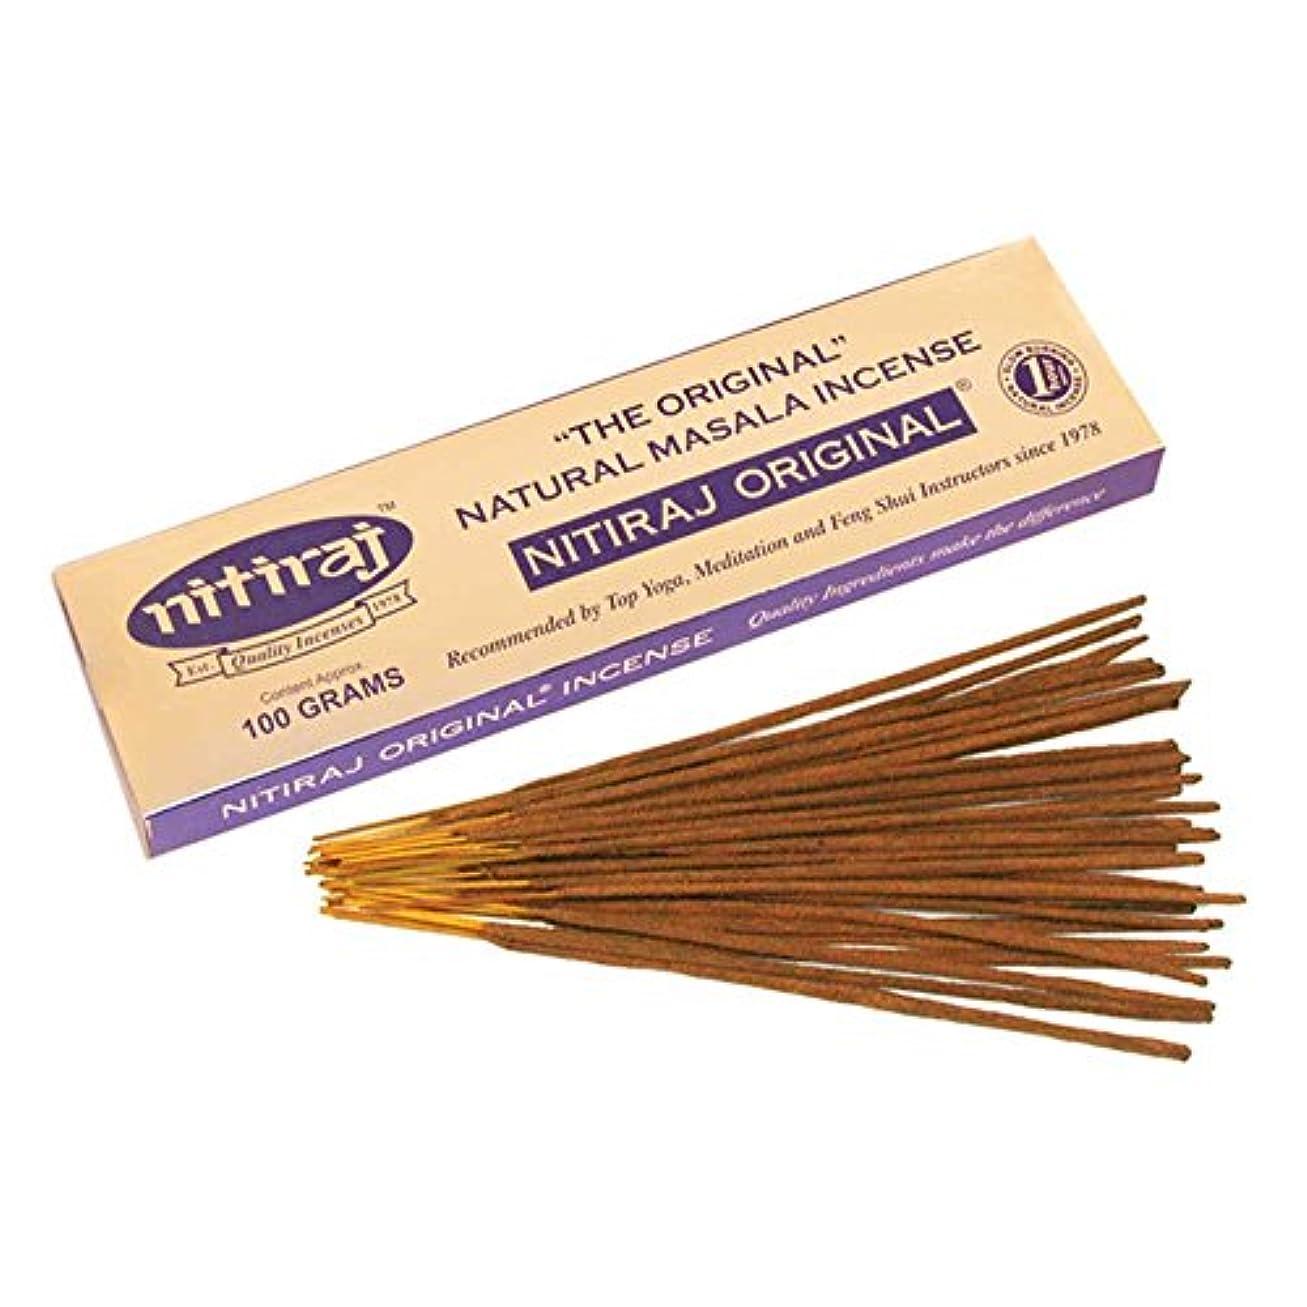 エスカレーター作物ワーカー(100 Grammes) - Nitiraj The Original Natural Masala Incense Slow Burning 1 Hour per Stick